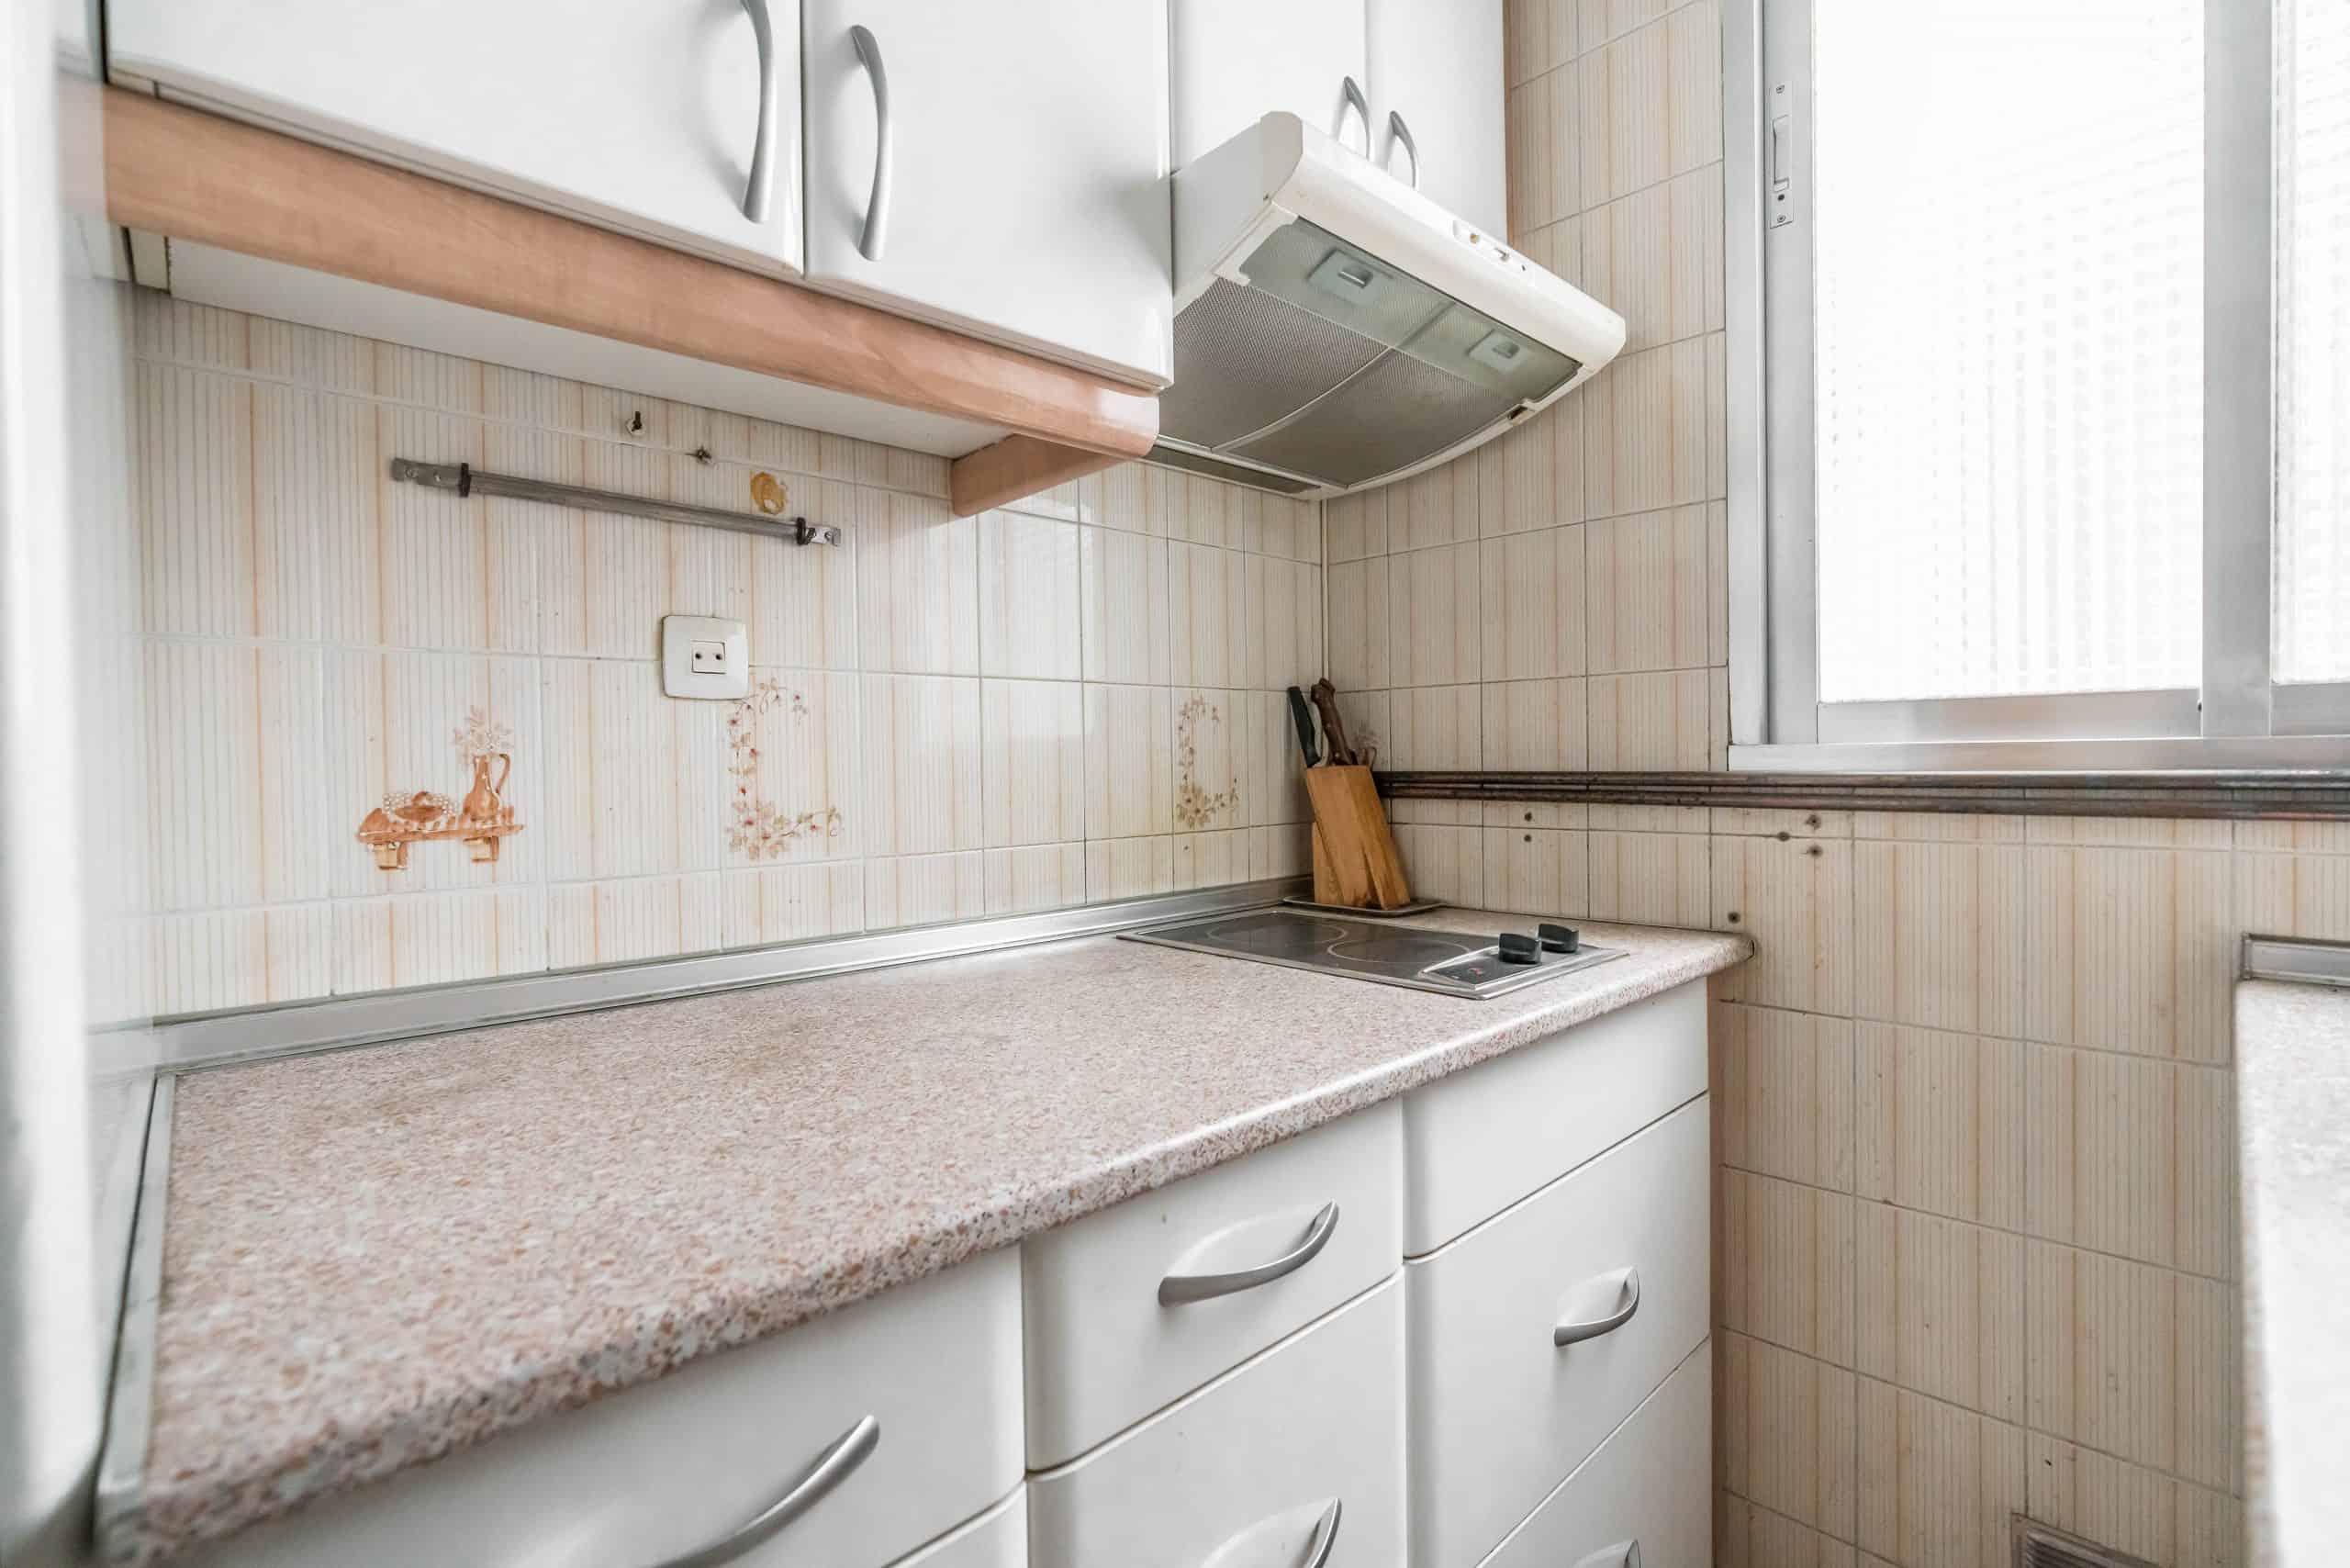 Agencia Inmobiliaria de Madrid-FUTUROCASA-Zona ARGANZUELA-EMBAJADORES-LEGAZPI -calle Guillermo de Osma 5 COCINA (5) (Copy)